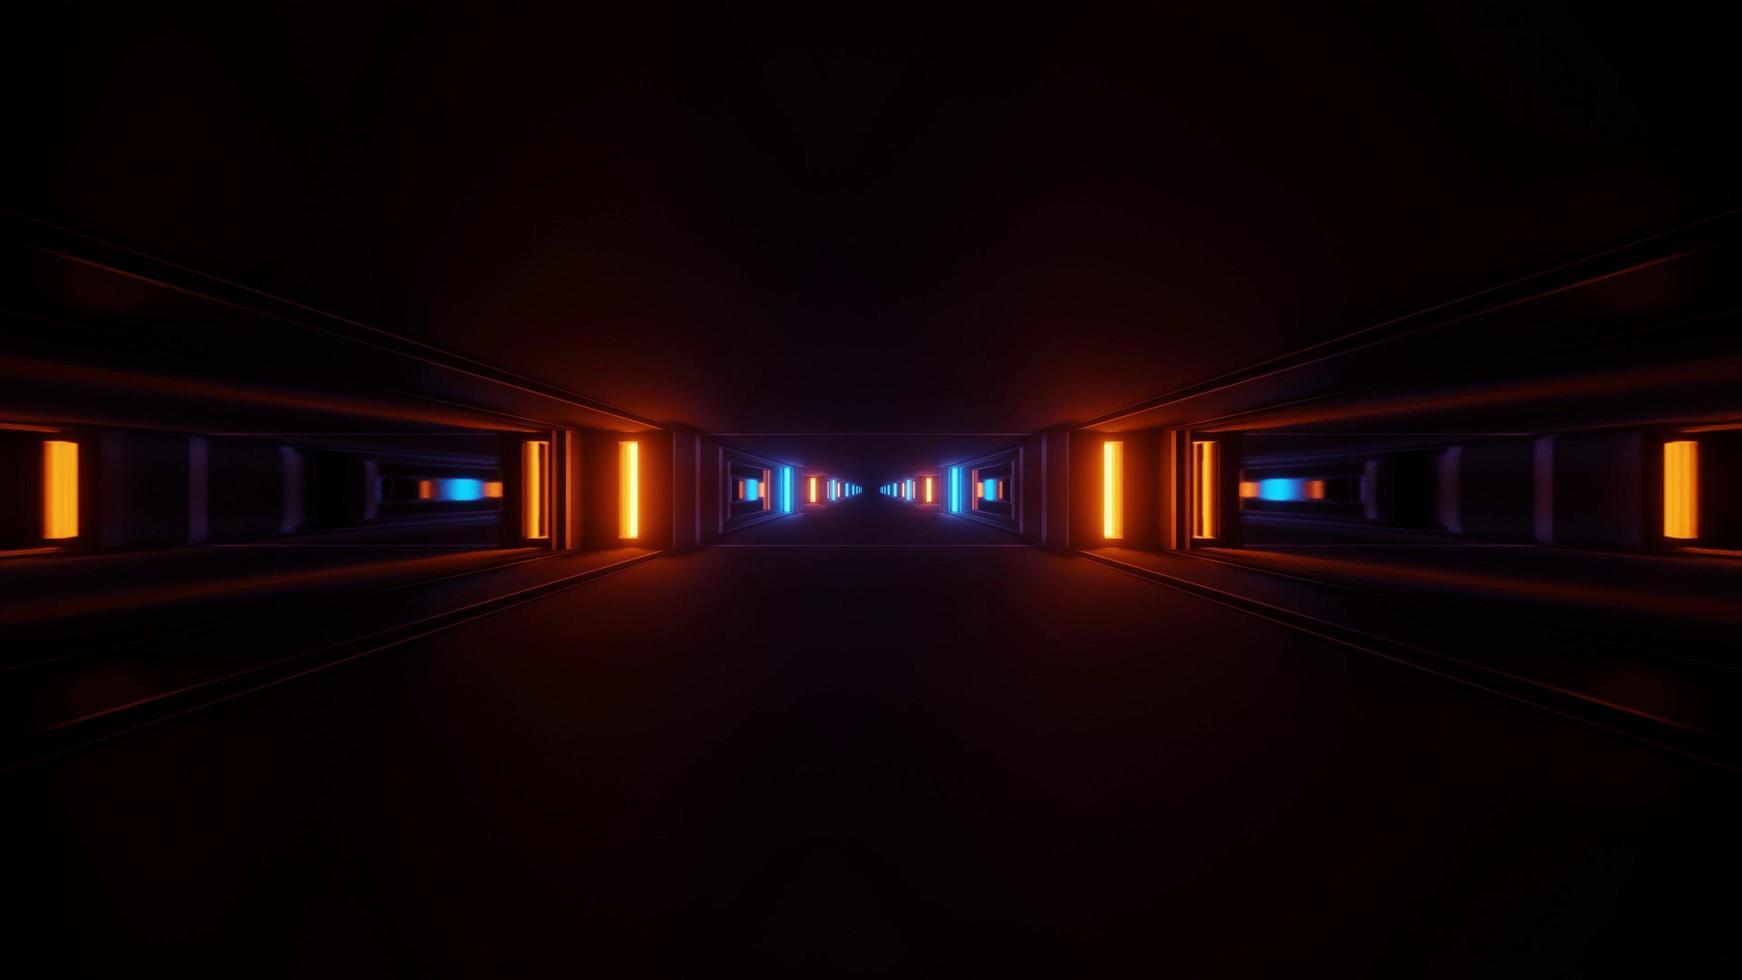 4k uhd 3d Neonlichtillustrationshintergrund foto